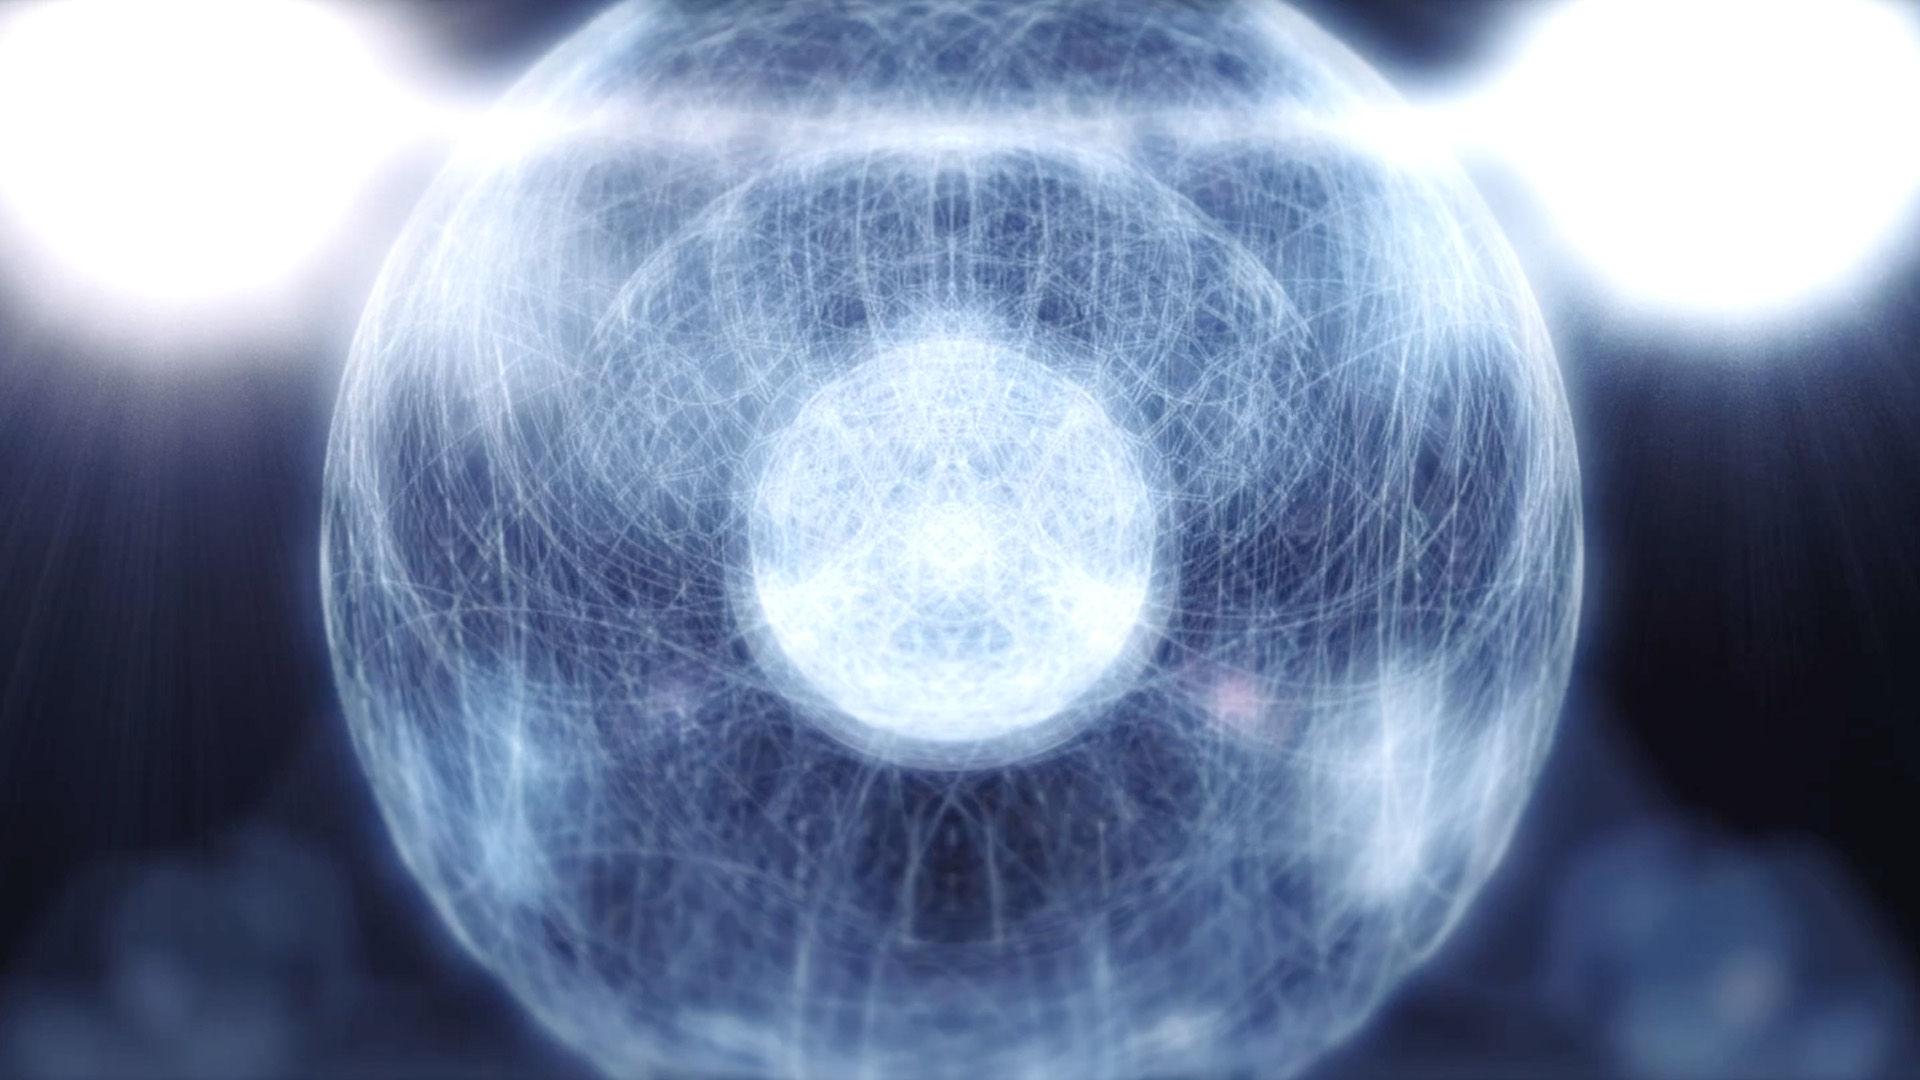 Frederik de Wilde explores AI and the quantum vaccuum